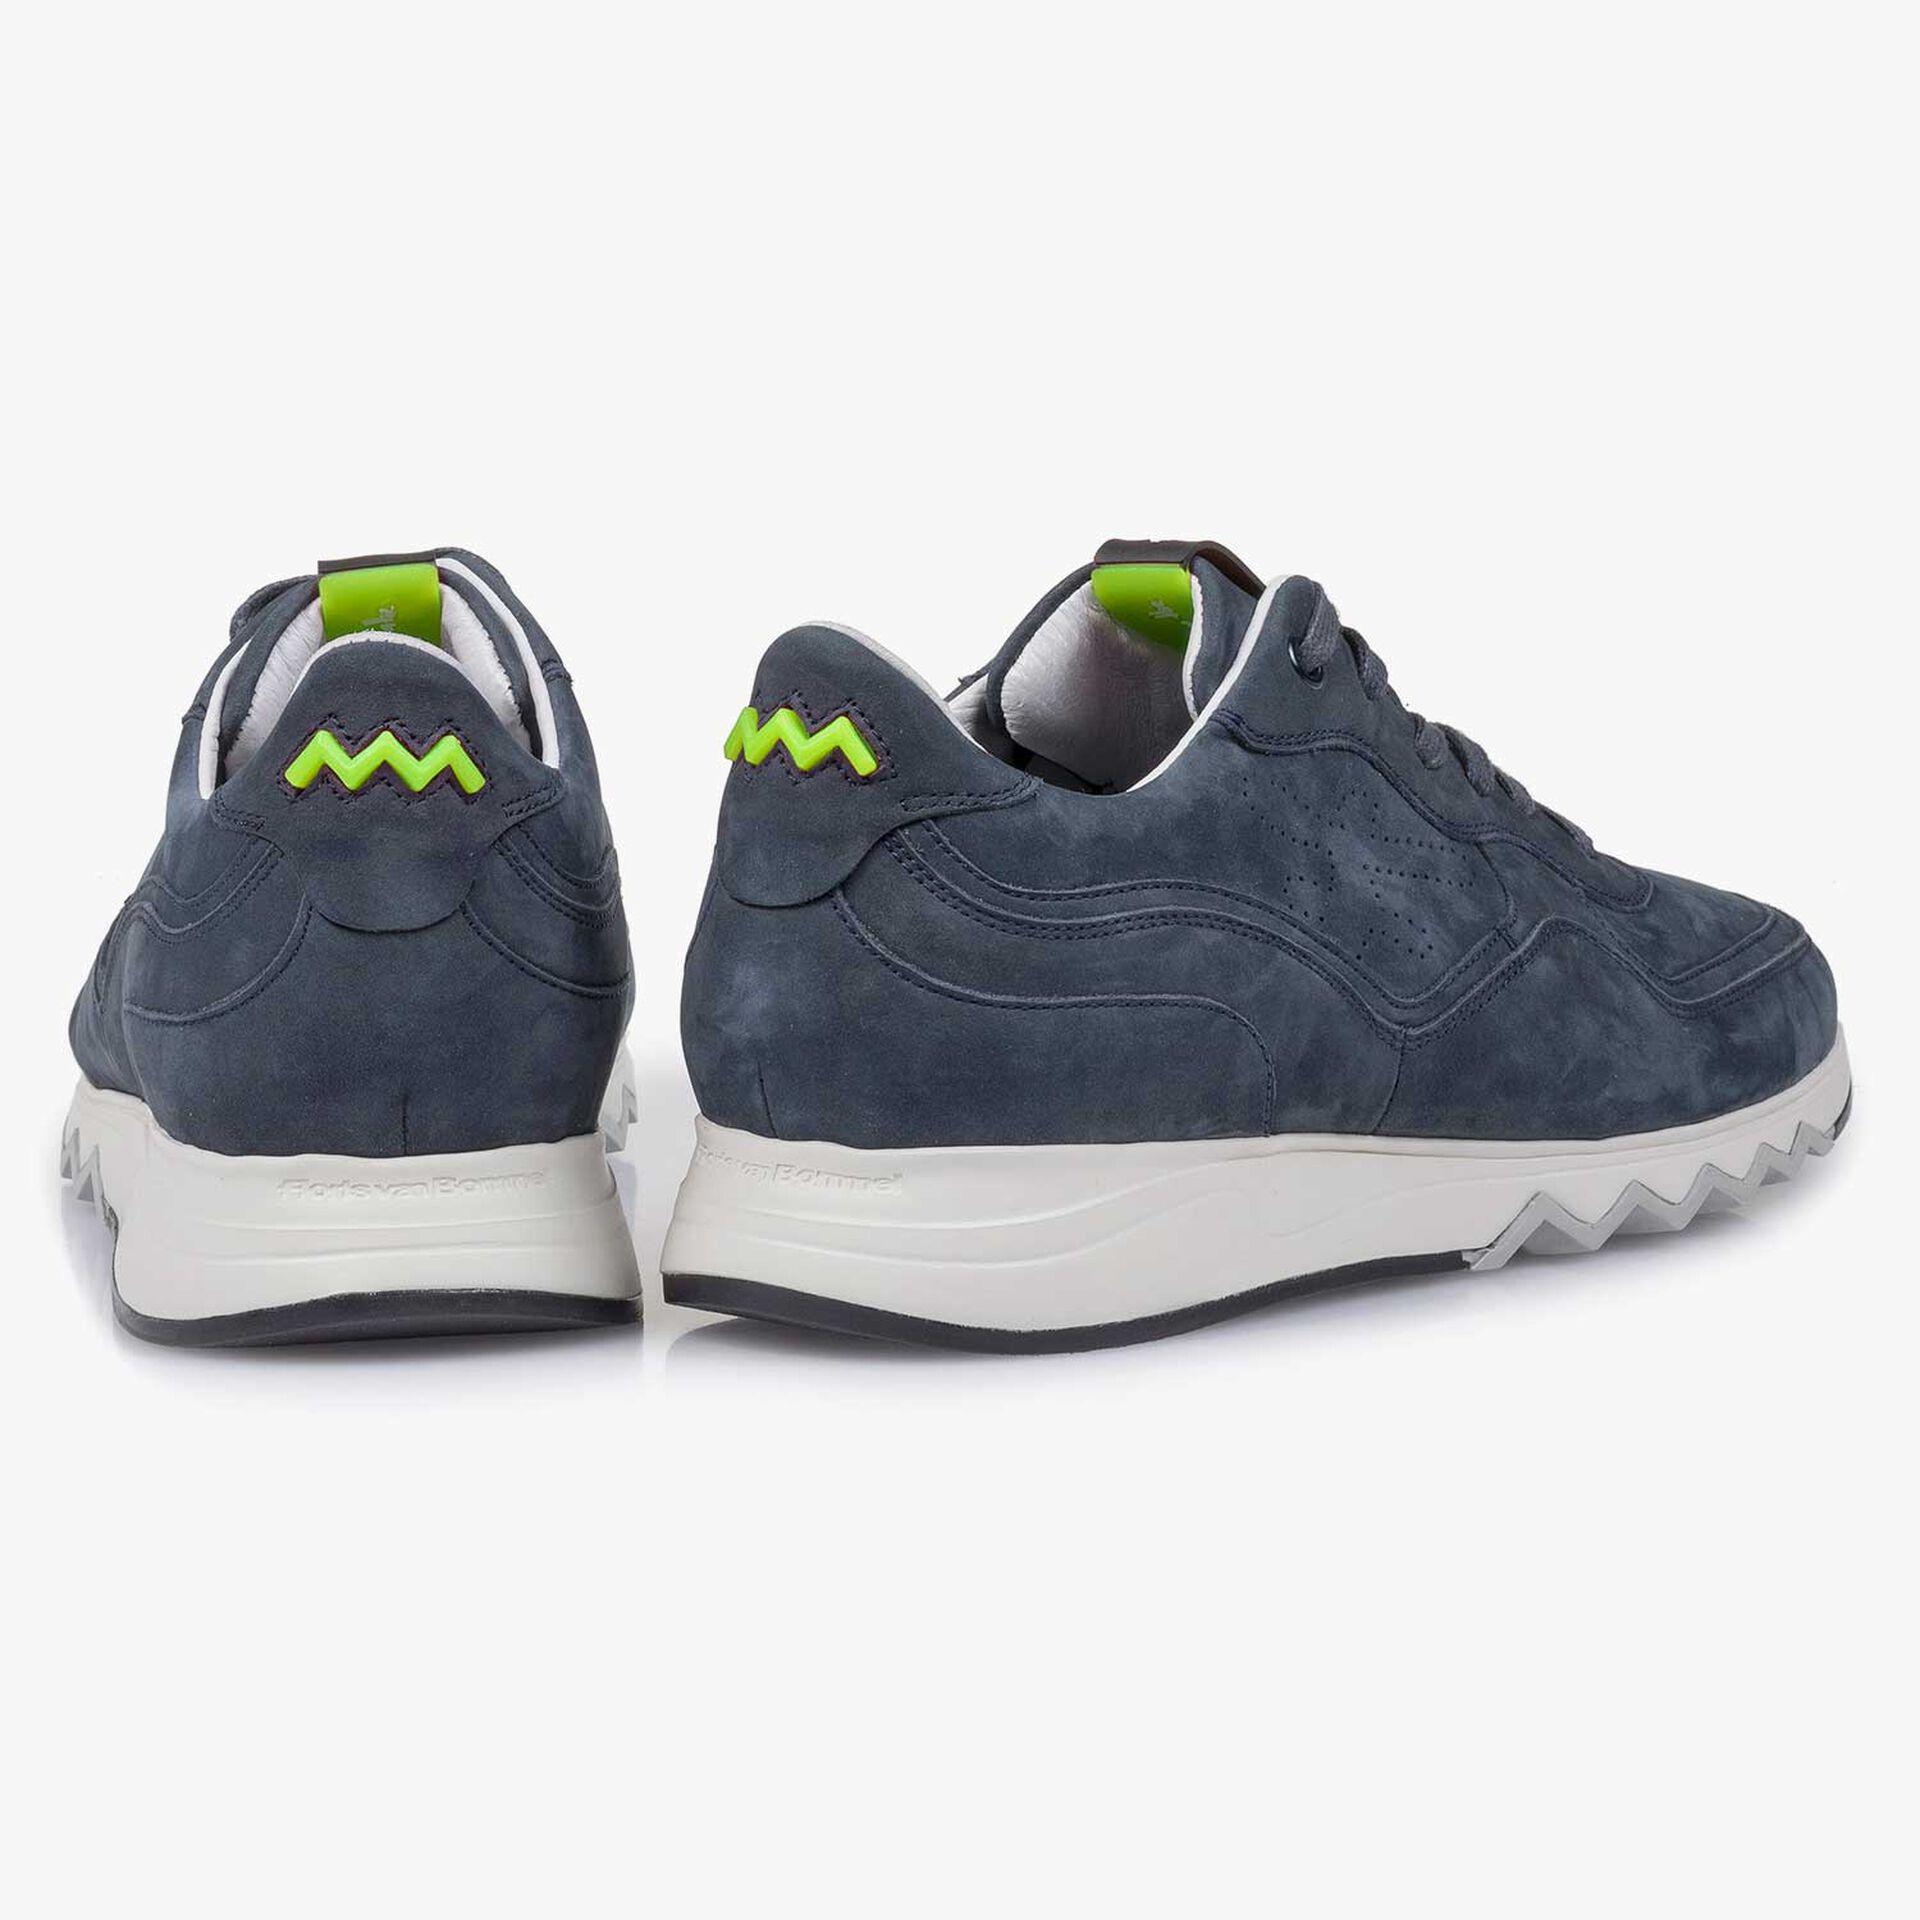 Blue nubuck leather sneaker